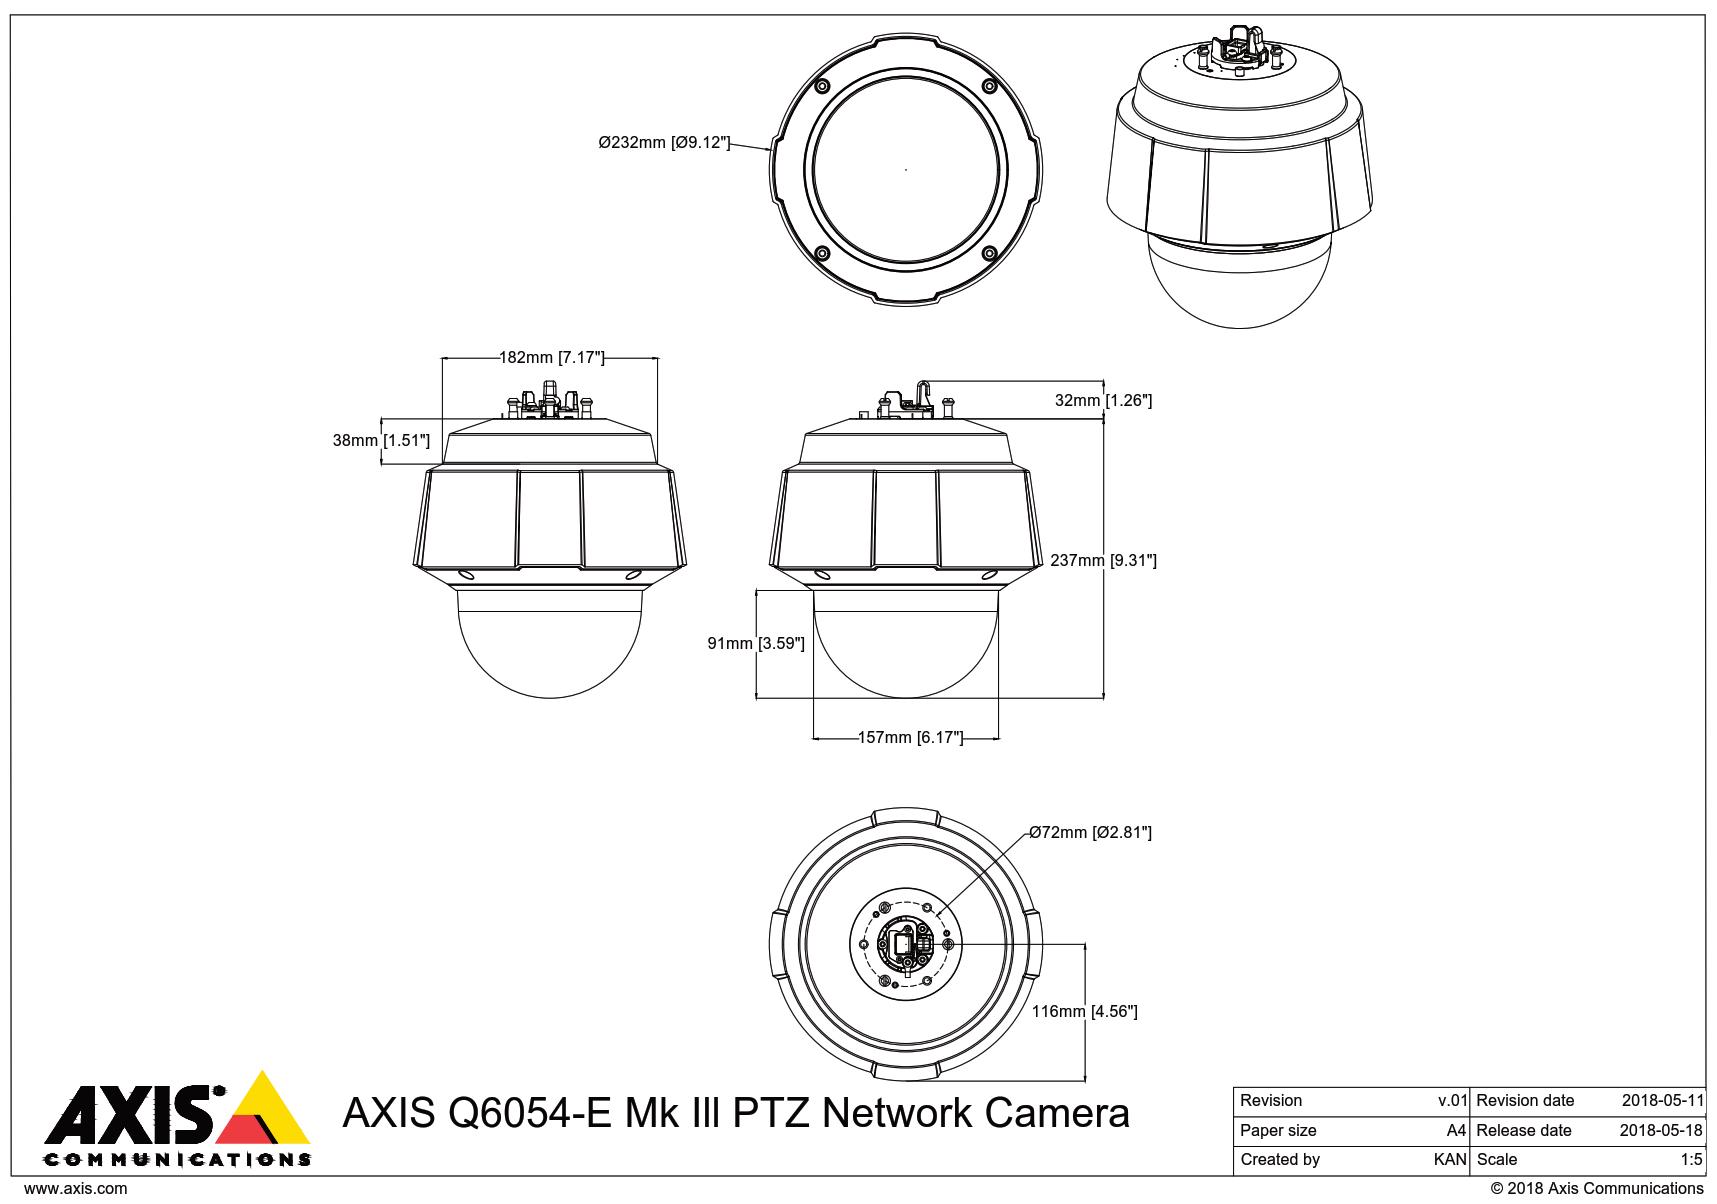 Q6054-E Mk III Dimensions